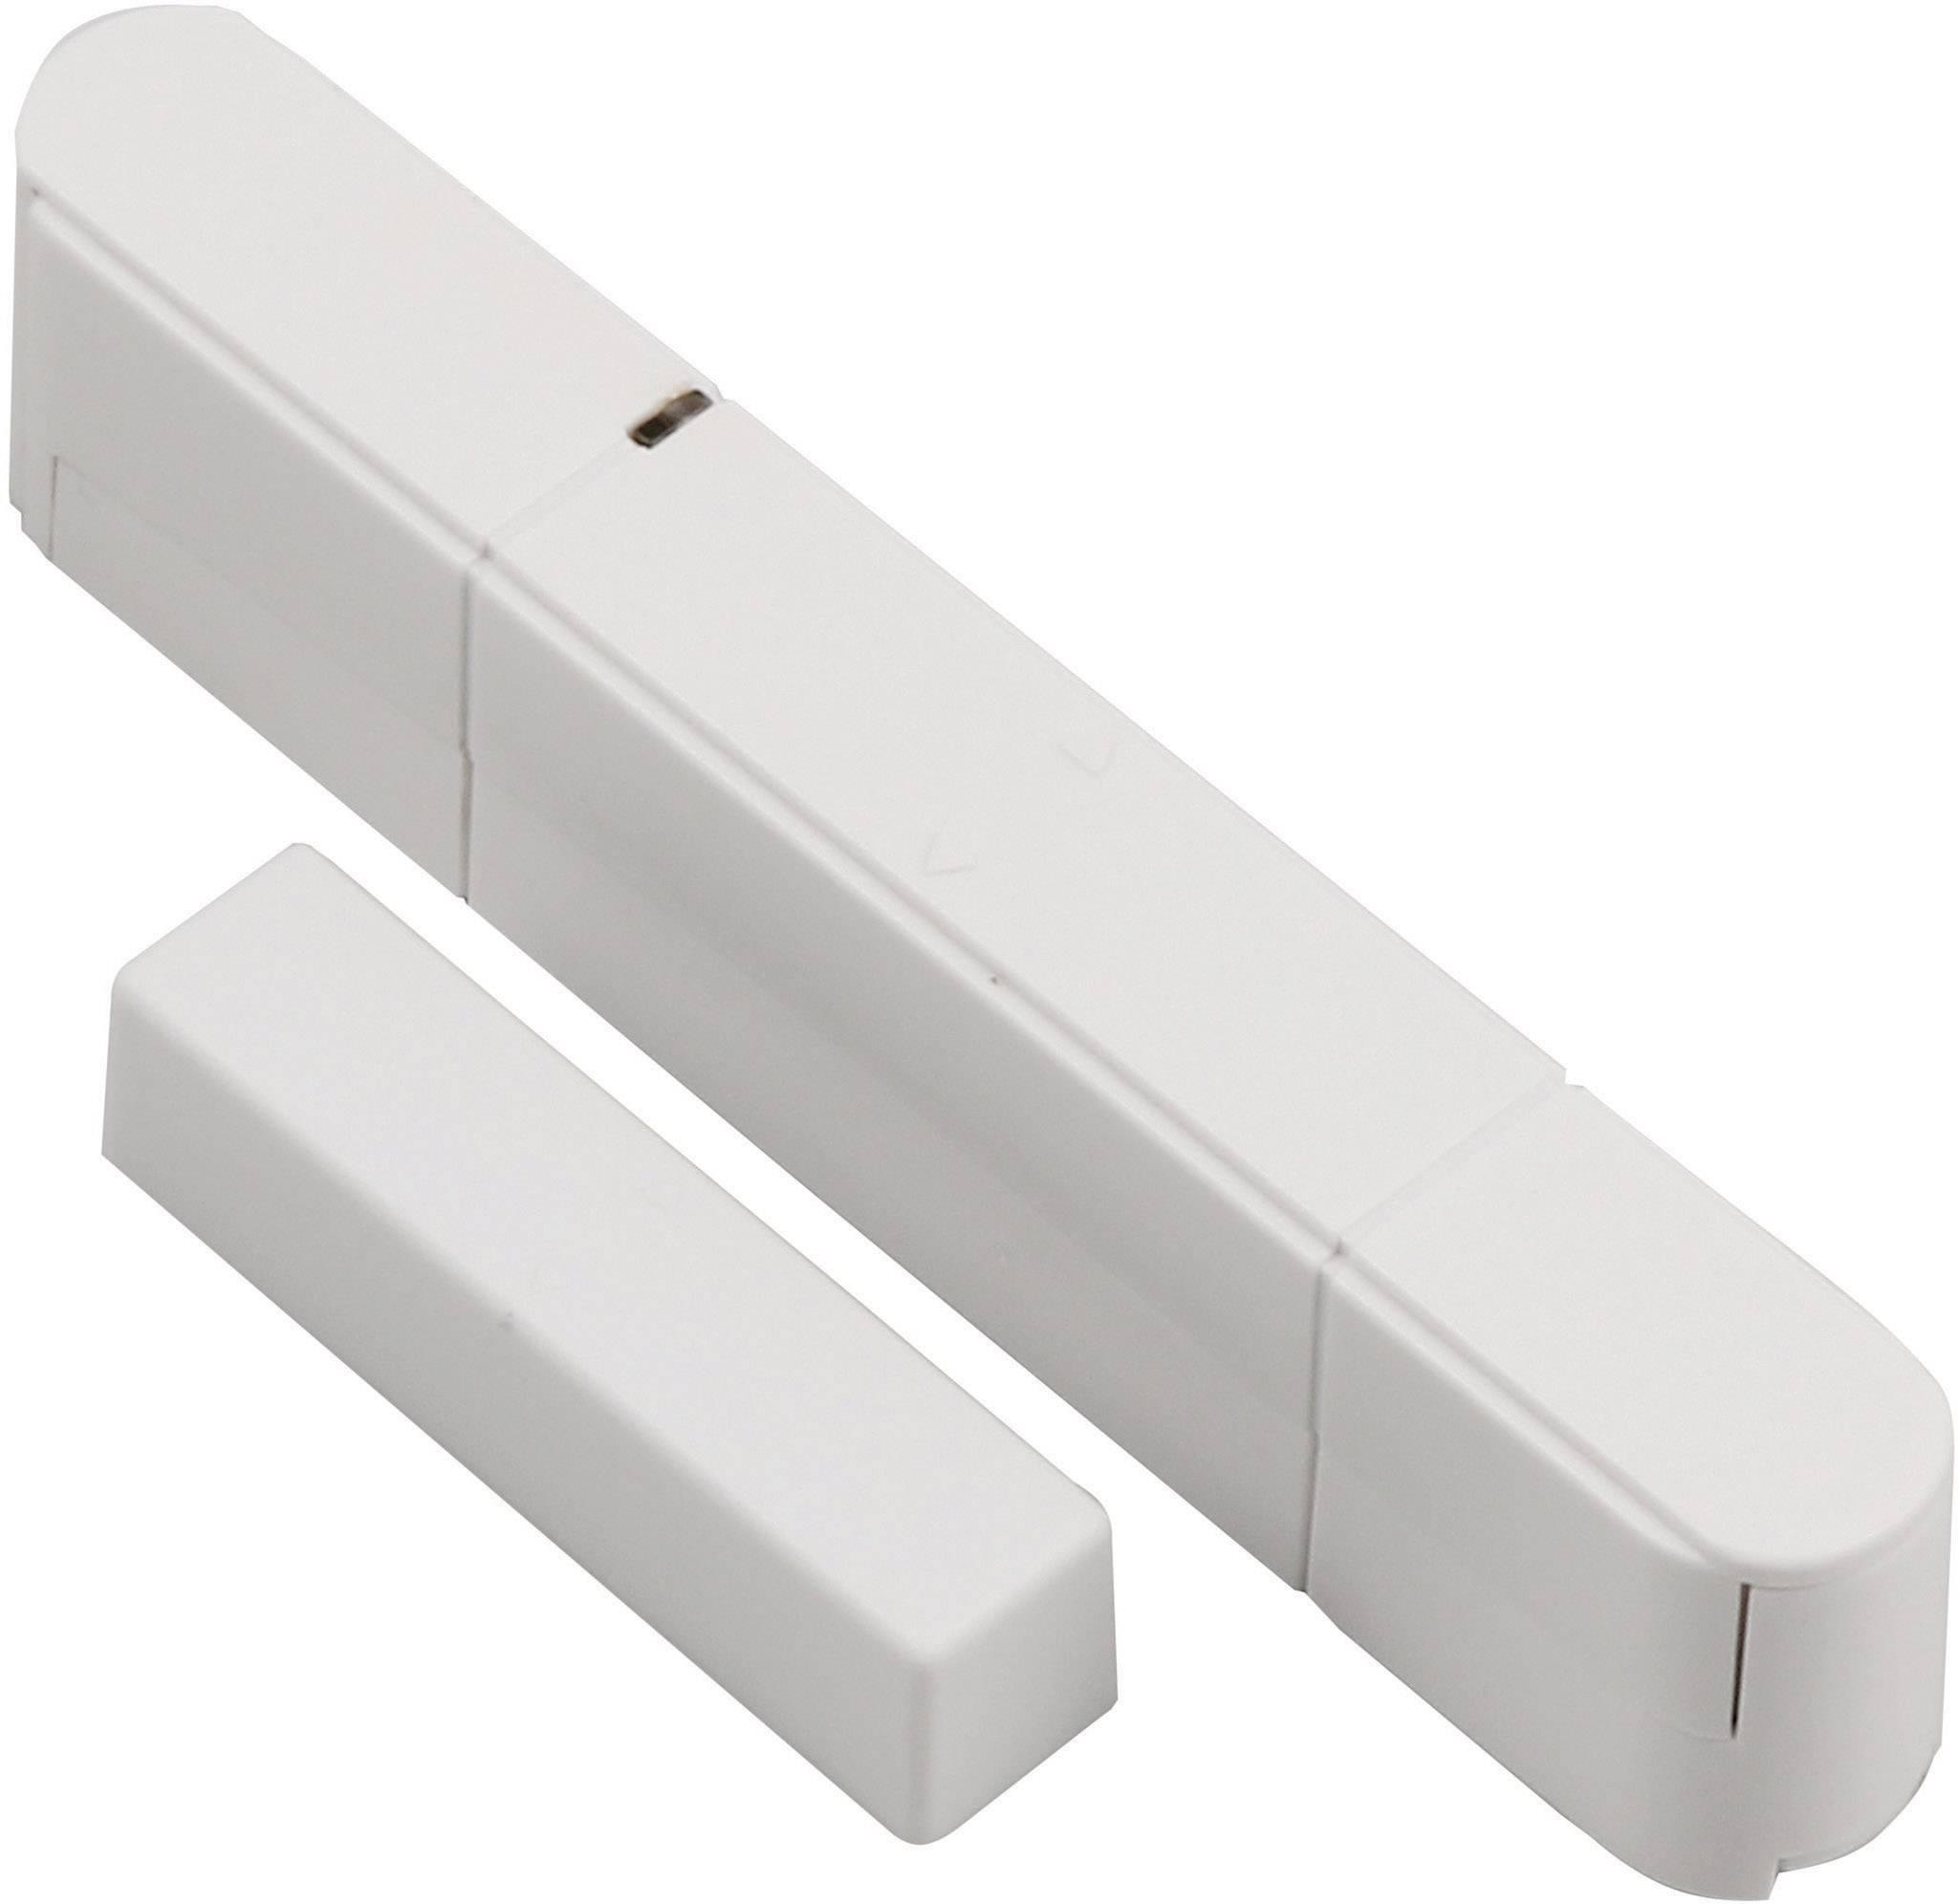 Bezdrôtový dverný/okenný kontakt Olympia 5910, 1 ks